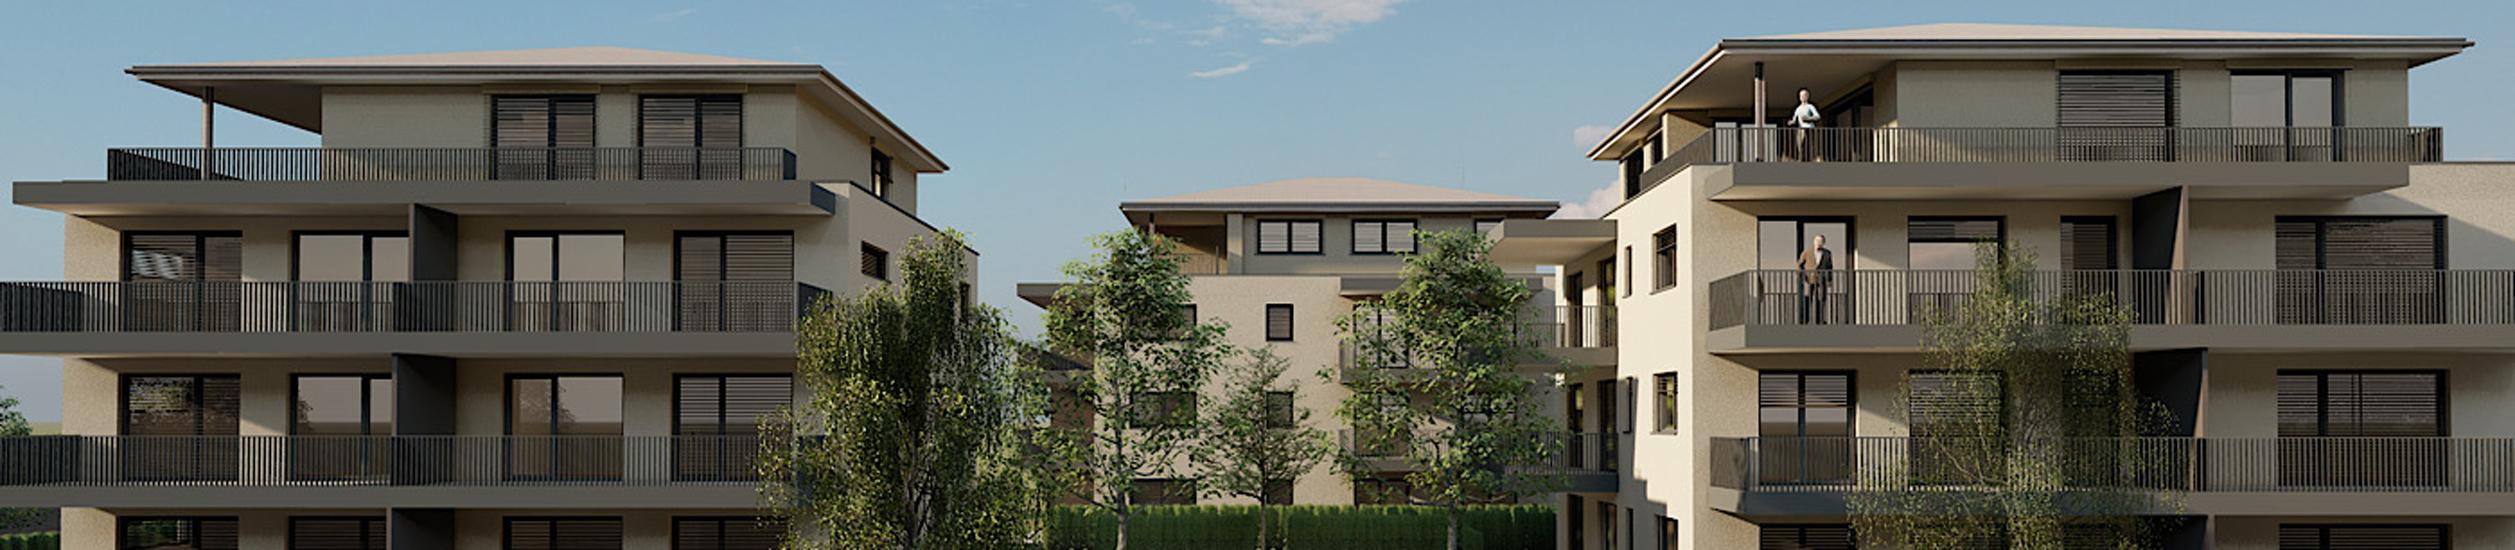 Neubau von drei Wohngebäuden mit 27 Einheiten und Tiefgarage